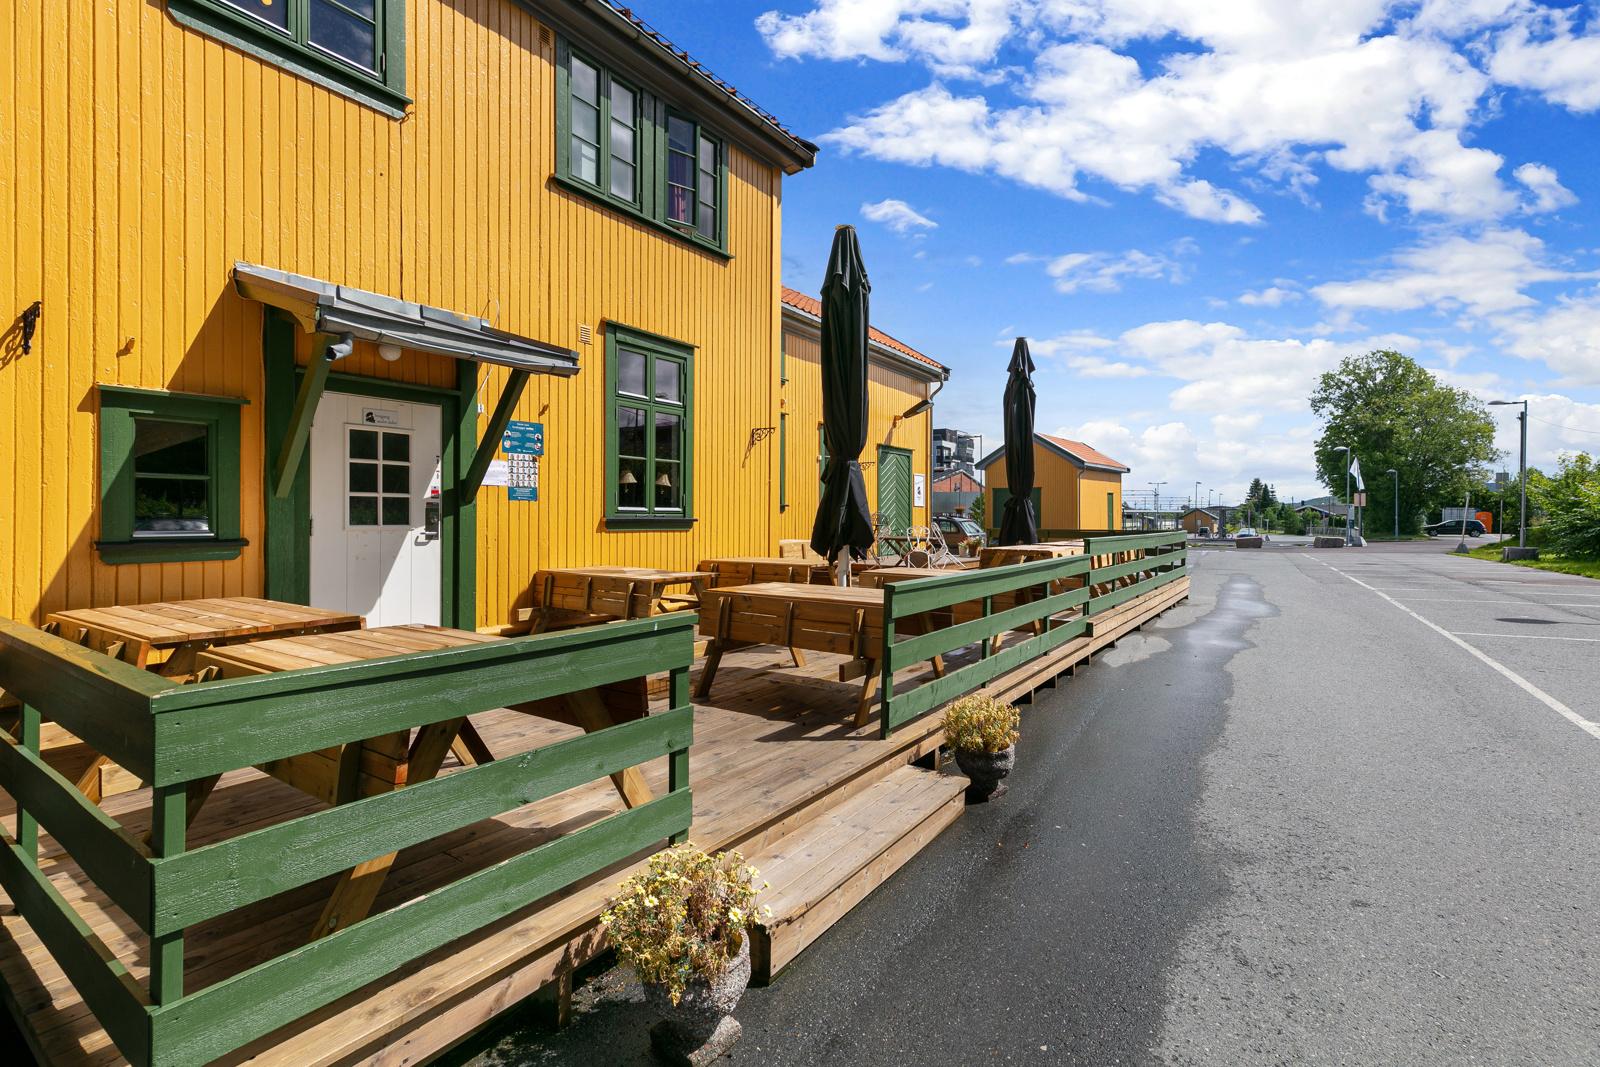 Cafe' på Spikkestad stasjon